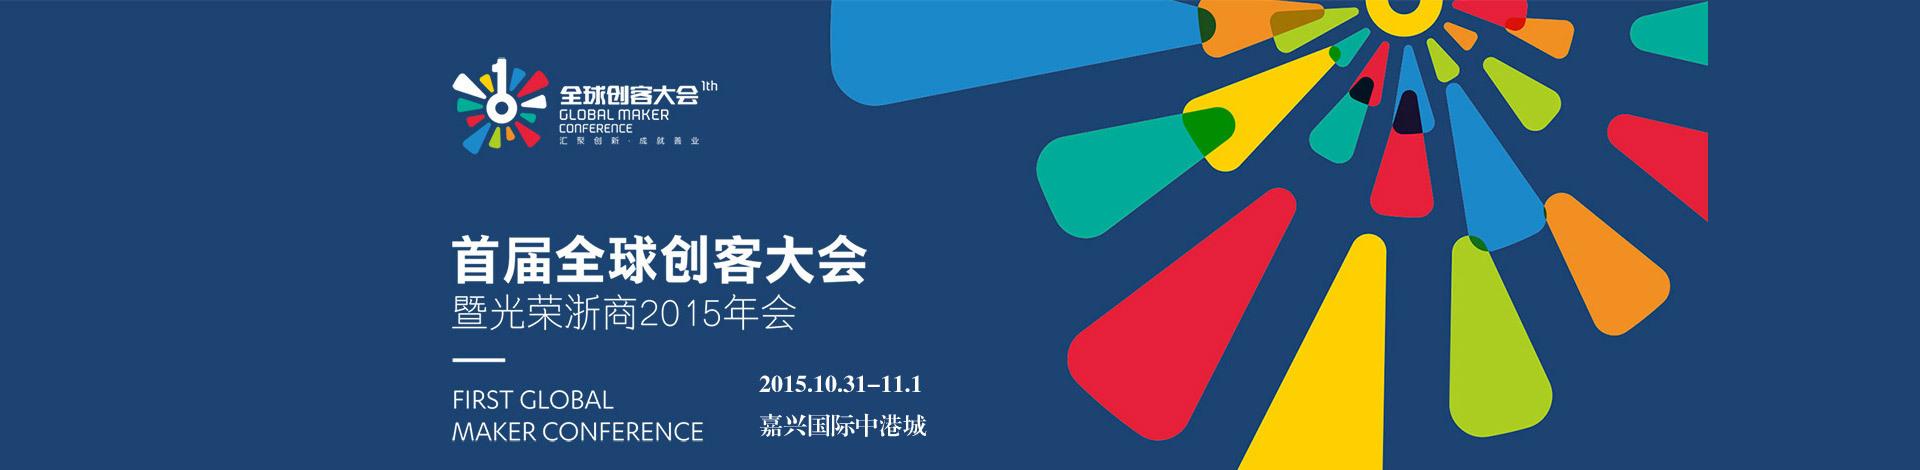 首届全球创客大会暨光荣浙商2015年会